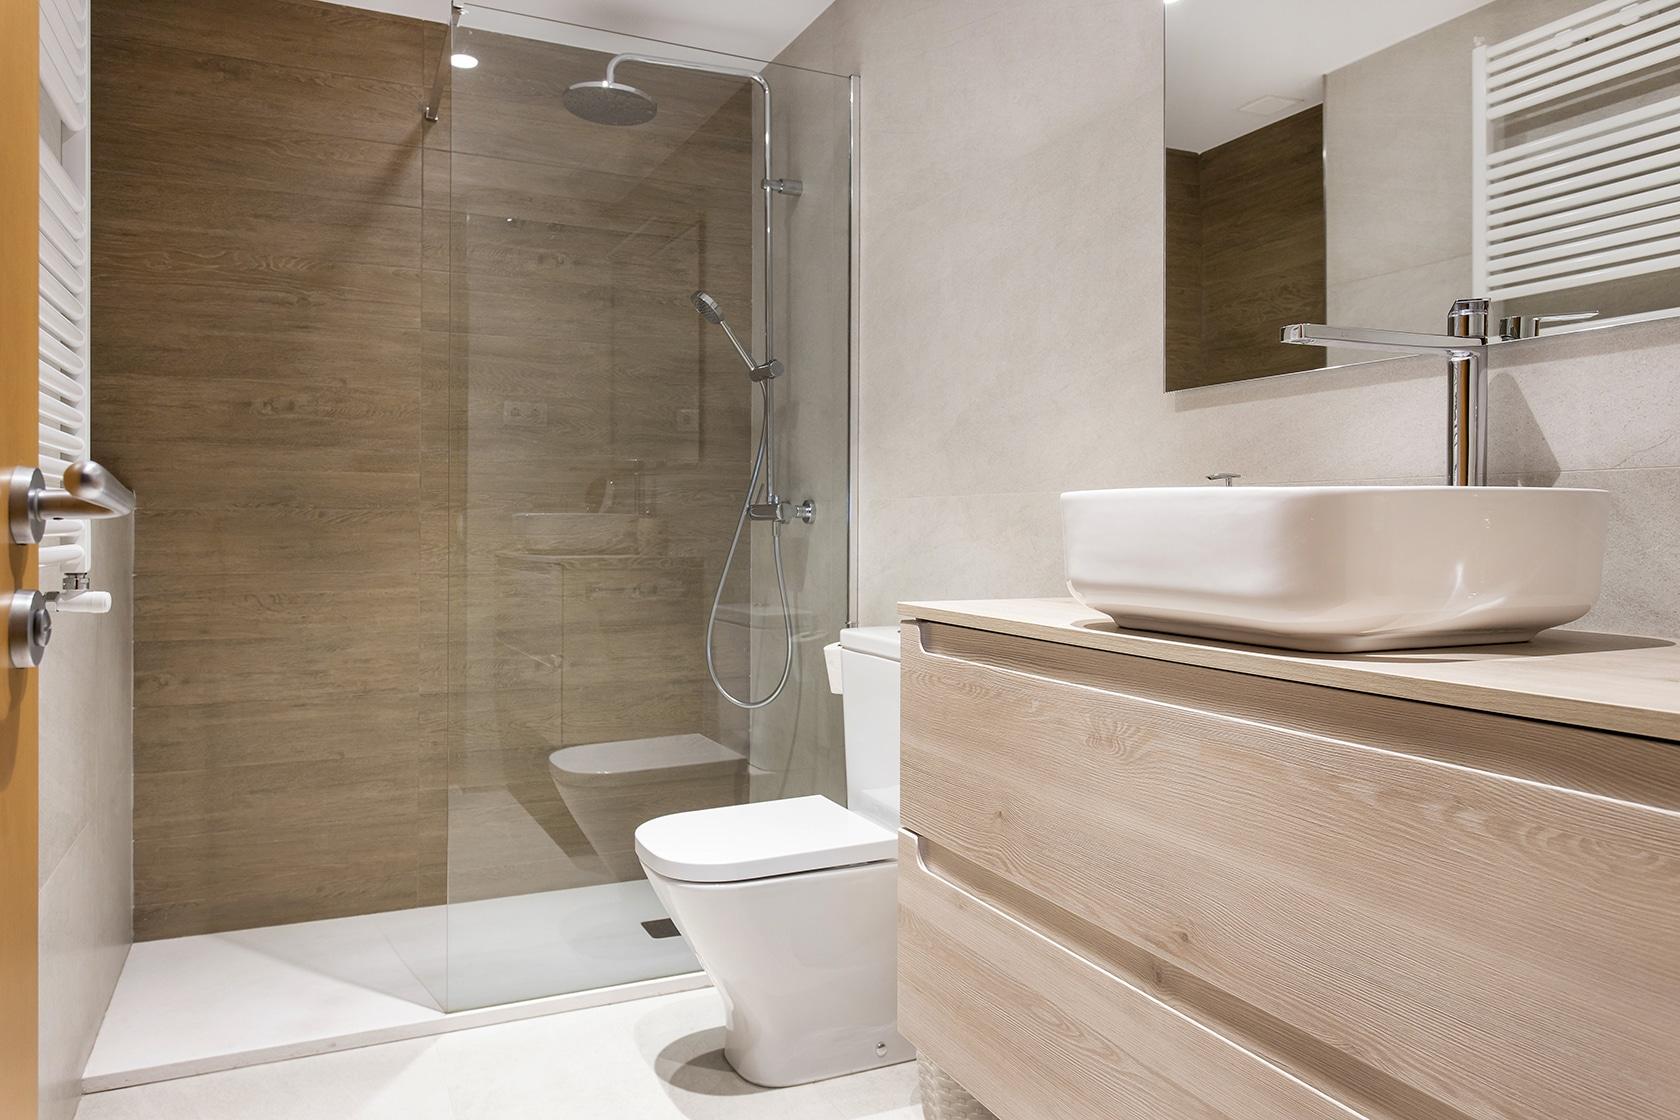 Vista general del baño reformado